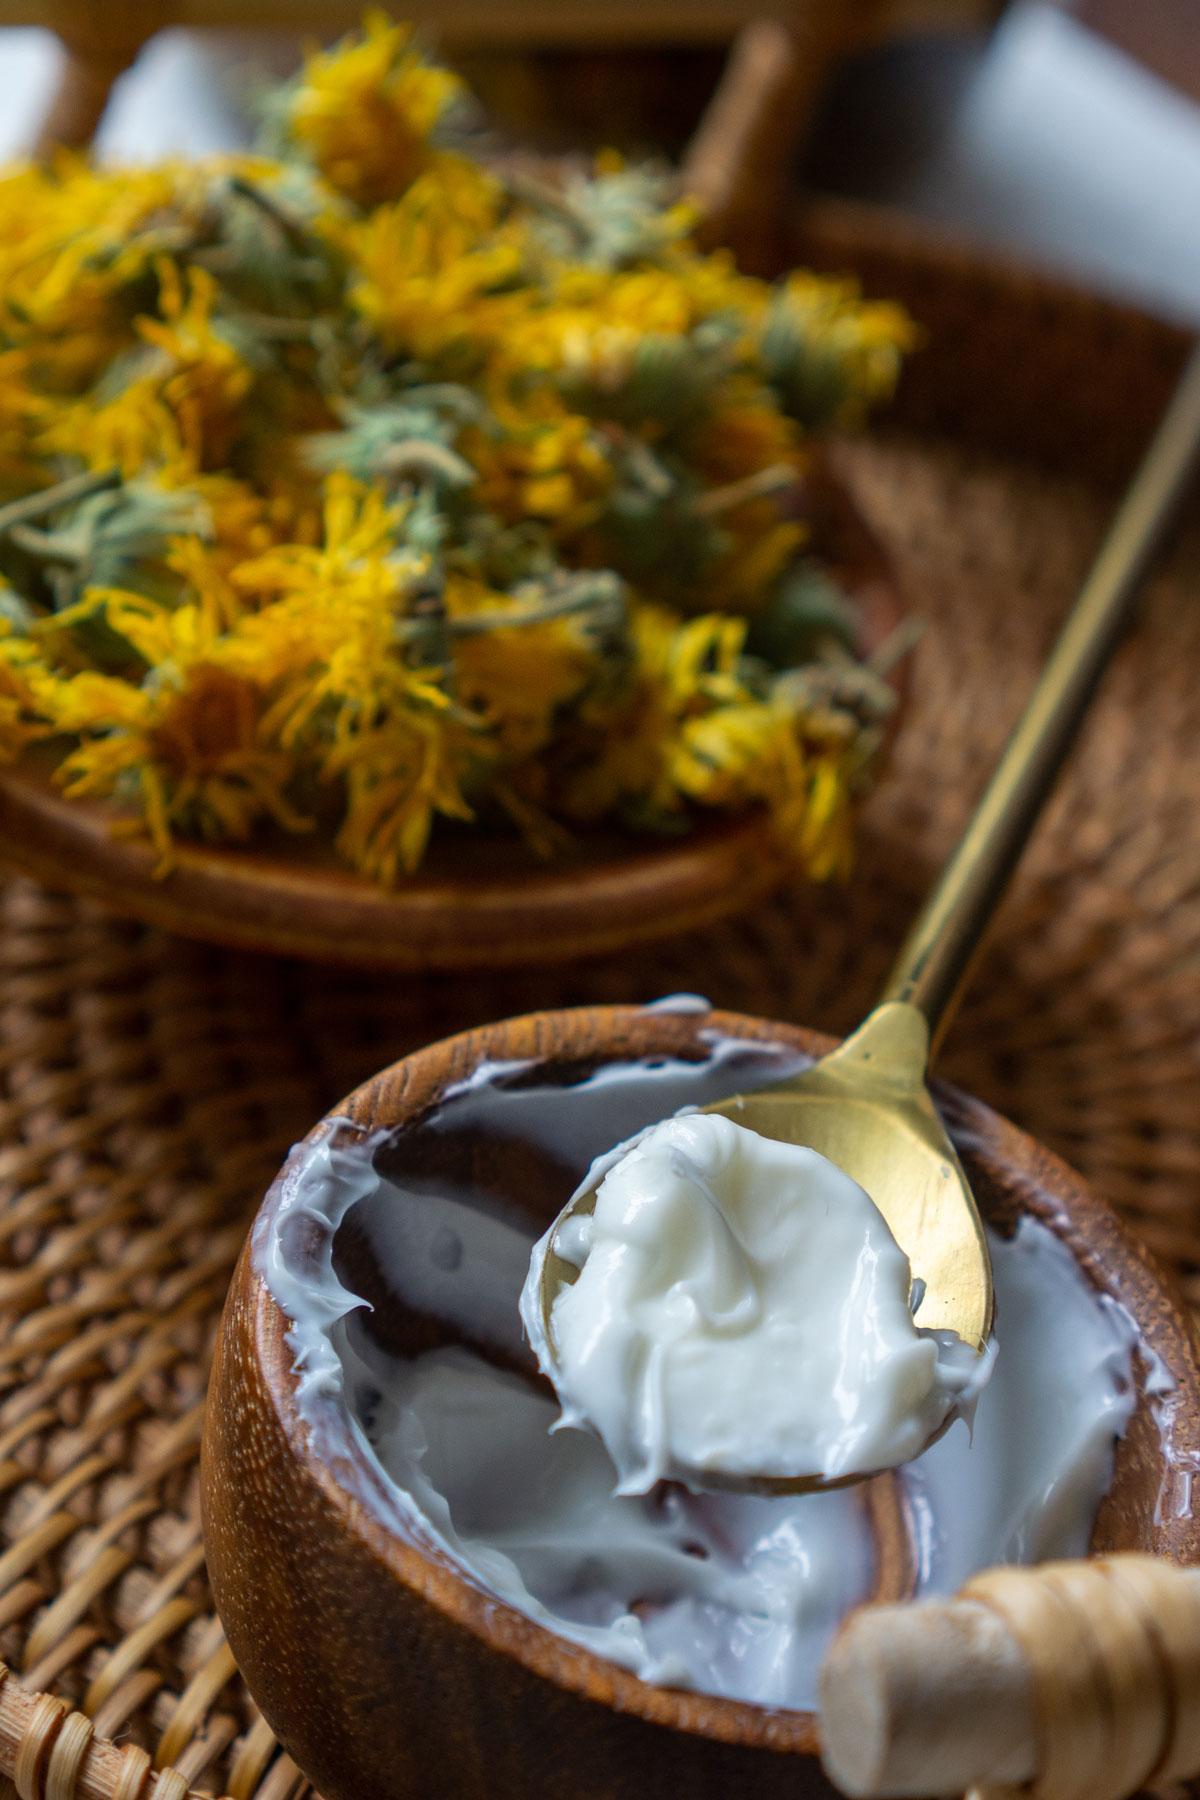 Calendula cream recipe in the making